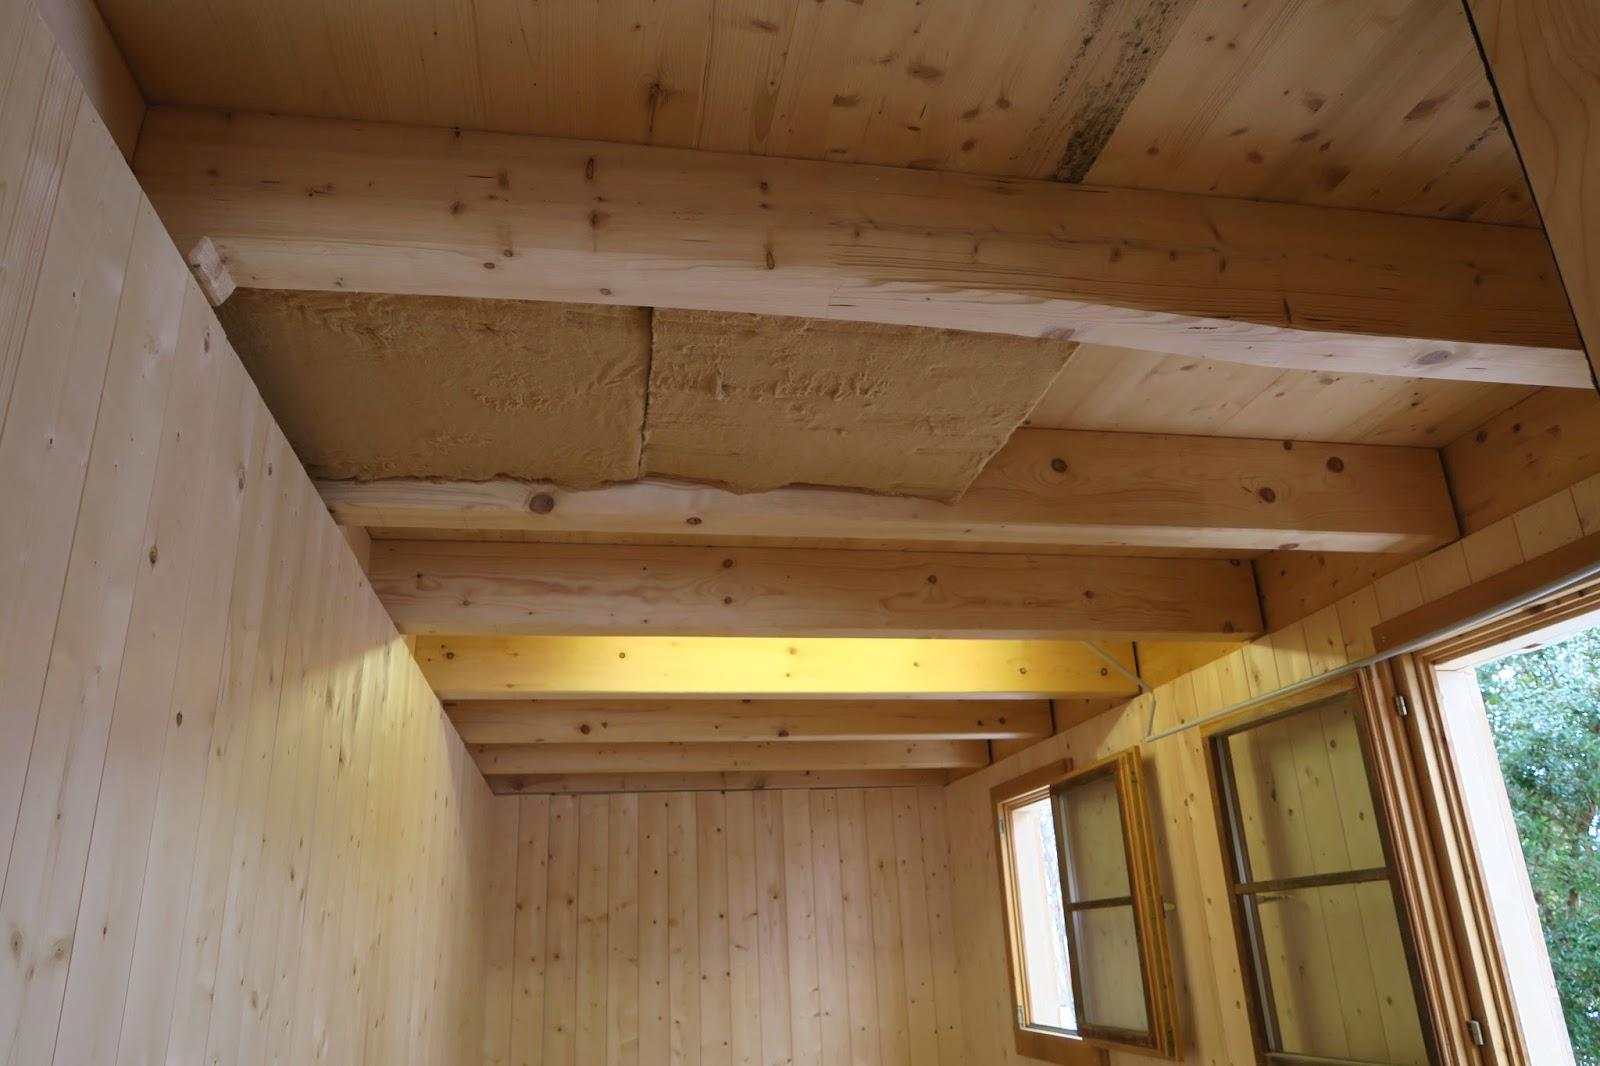 holzhaus wir bauen ein haus aus holz schopf isolieren. Black Bedroom Furniture Sets. Home Design Ideas